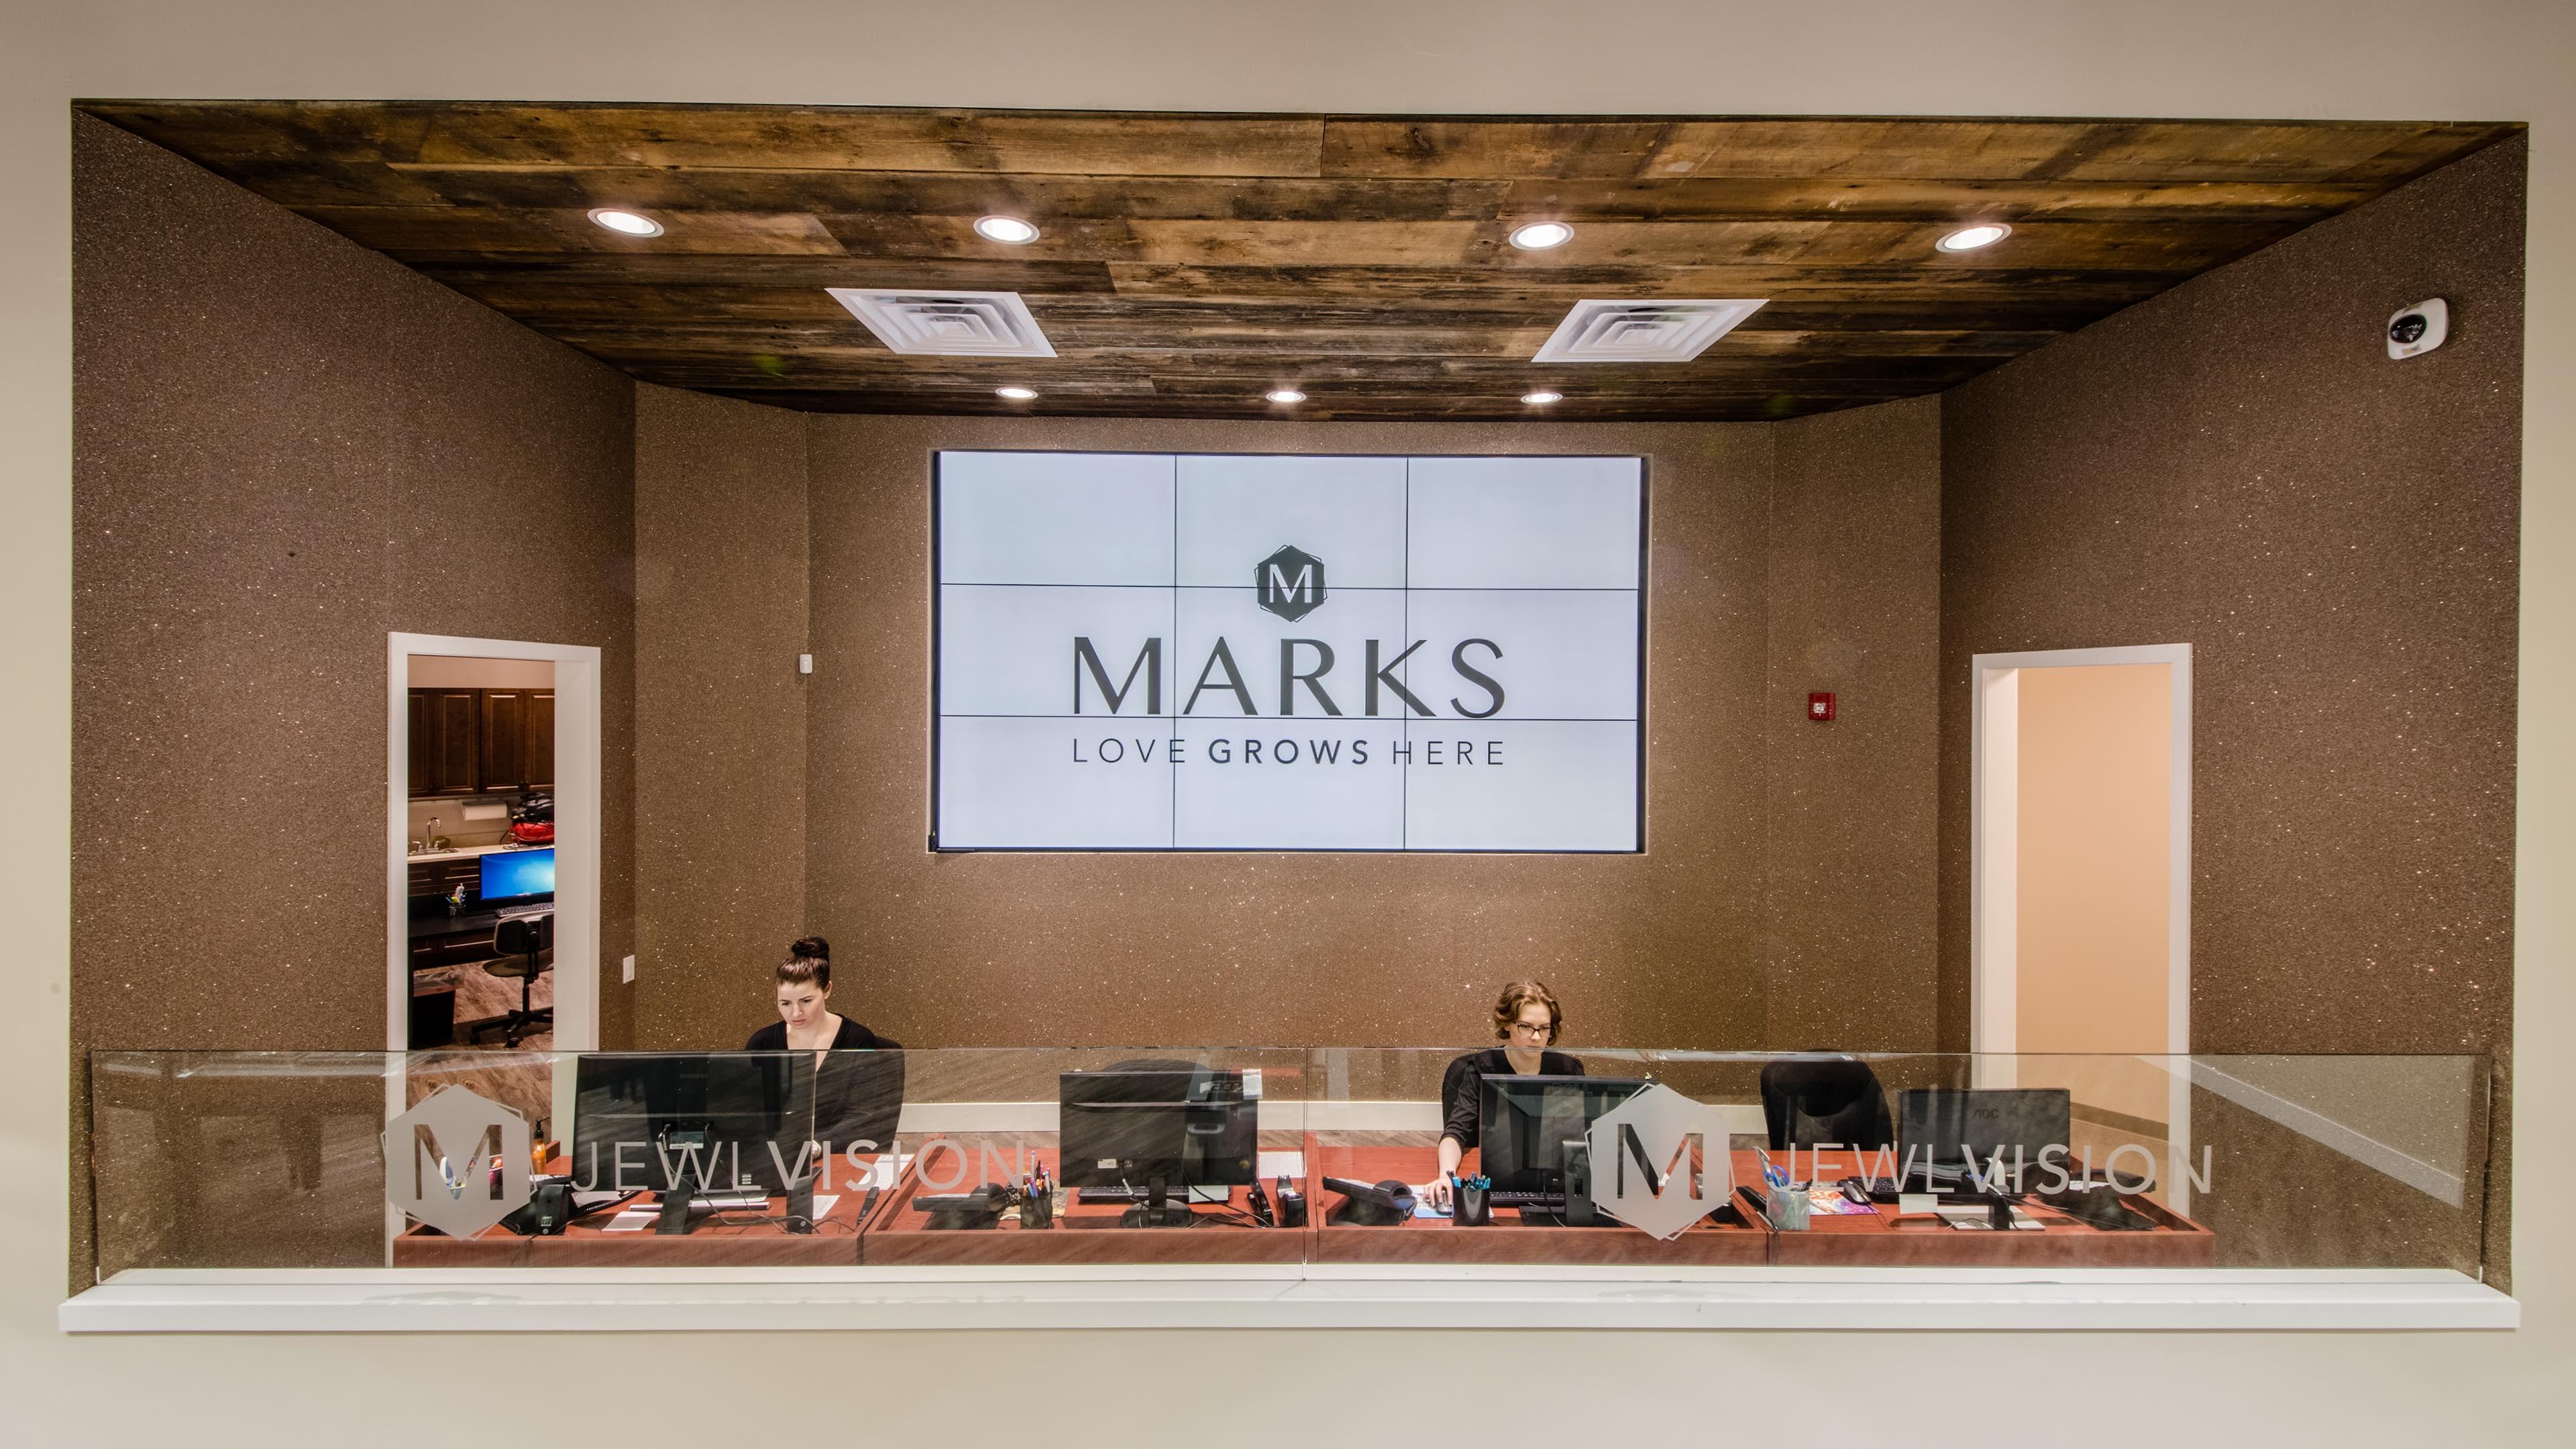 Mark's Jewelers